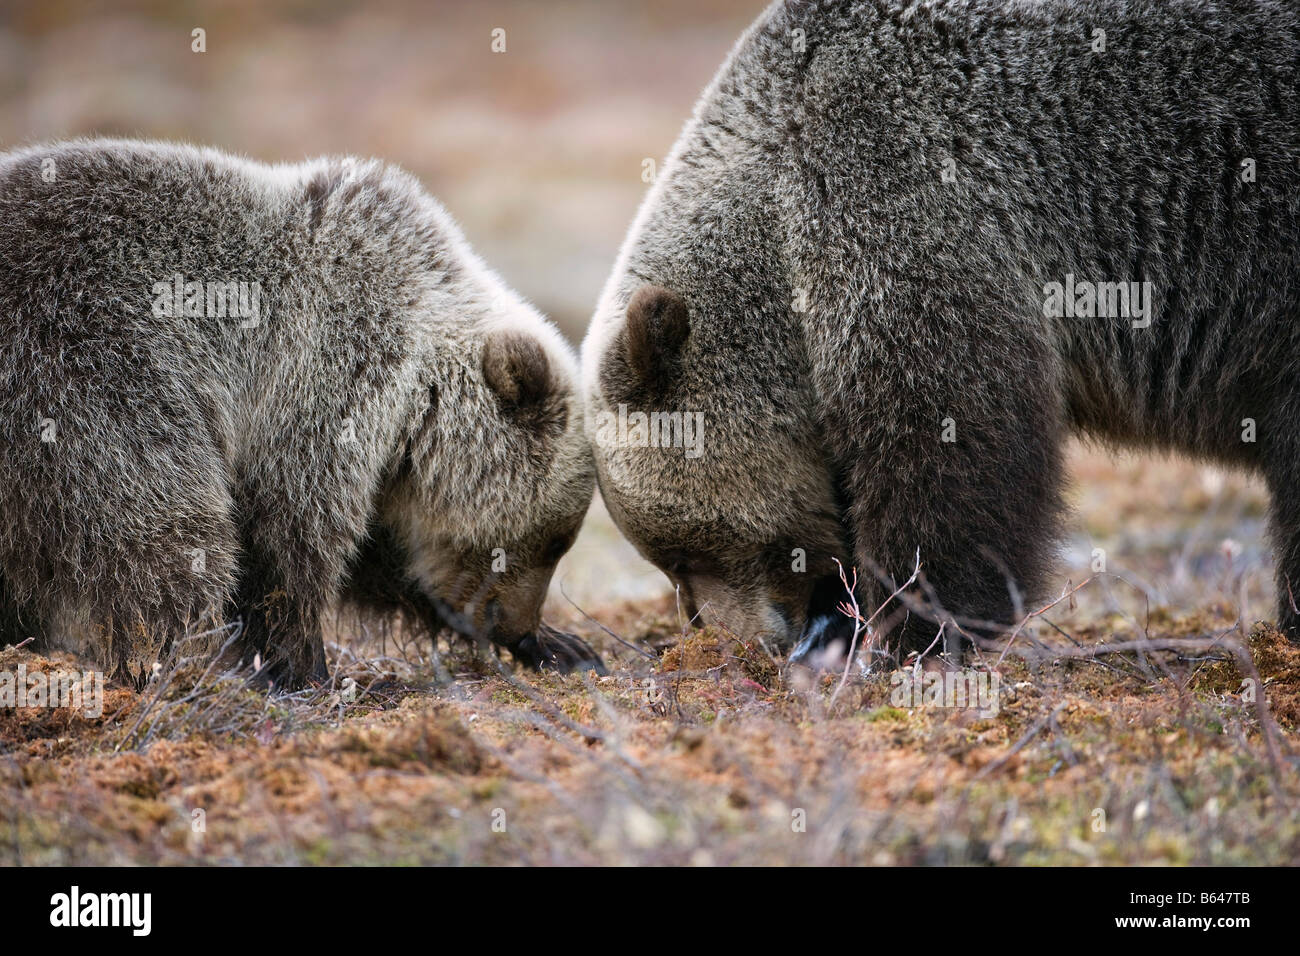 Finnland, Ruhtinansalmi, in der Nähe von Suomussalmi Braunbär. Ursus Arctos. Mutter und Jungtier. Stockbild